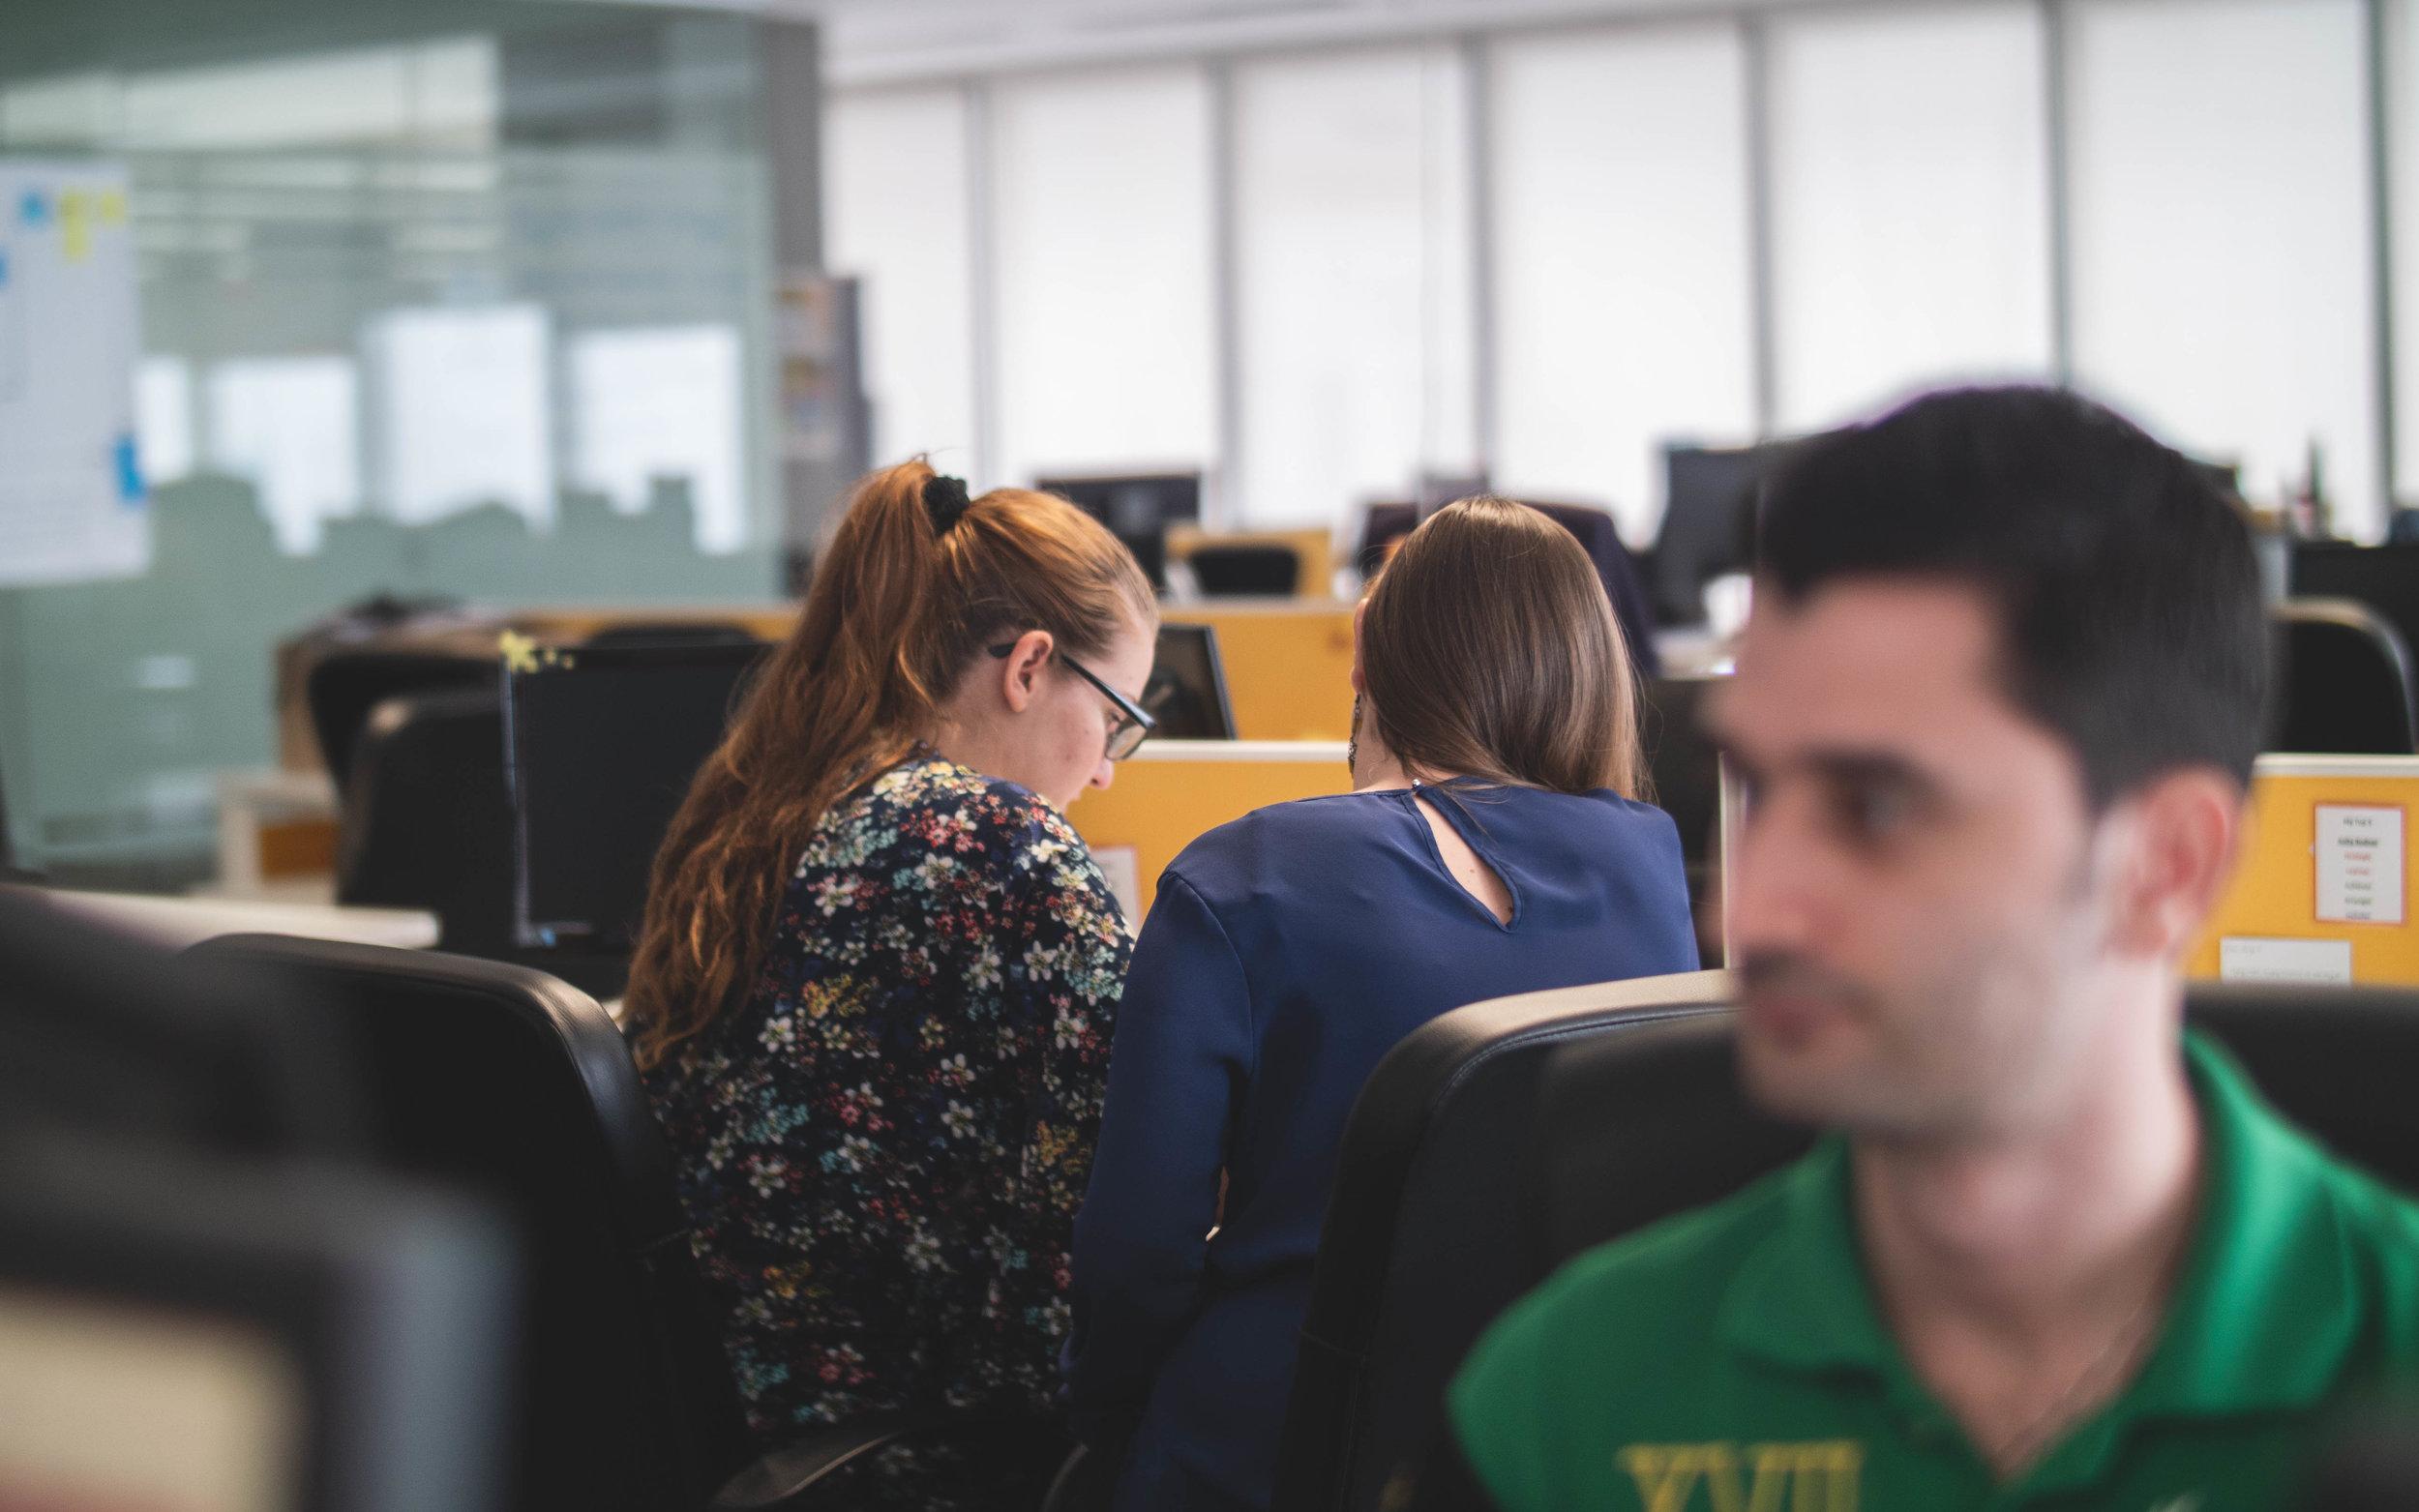 Organização & Gestão RH - Com transformações diárias, novas tendências e culturas de trabalho a emergirem, os desafios de gestão RH são, nos dias de hoje, mais complexos e exigem uma maior capacidade de adaptação e flexibilidade na sua operacionalização.Apoiamos os nossos clientes na melhoria contínua de políticas de gestão, inovando na gestão, preparando o futuro da gestão para os novos desafios e tendências laborais.